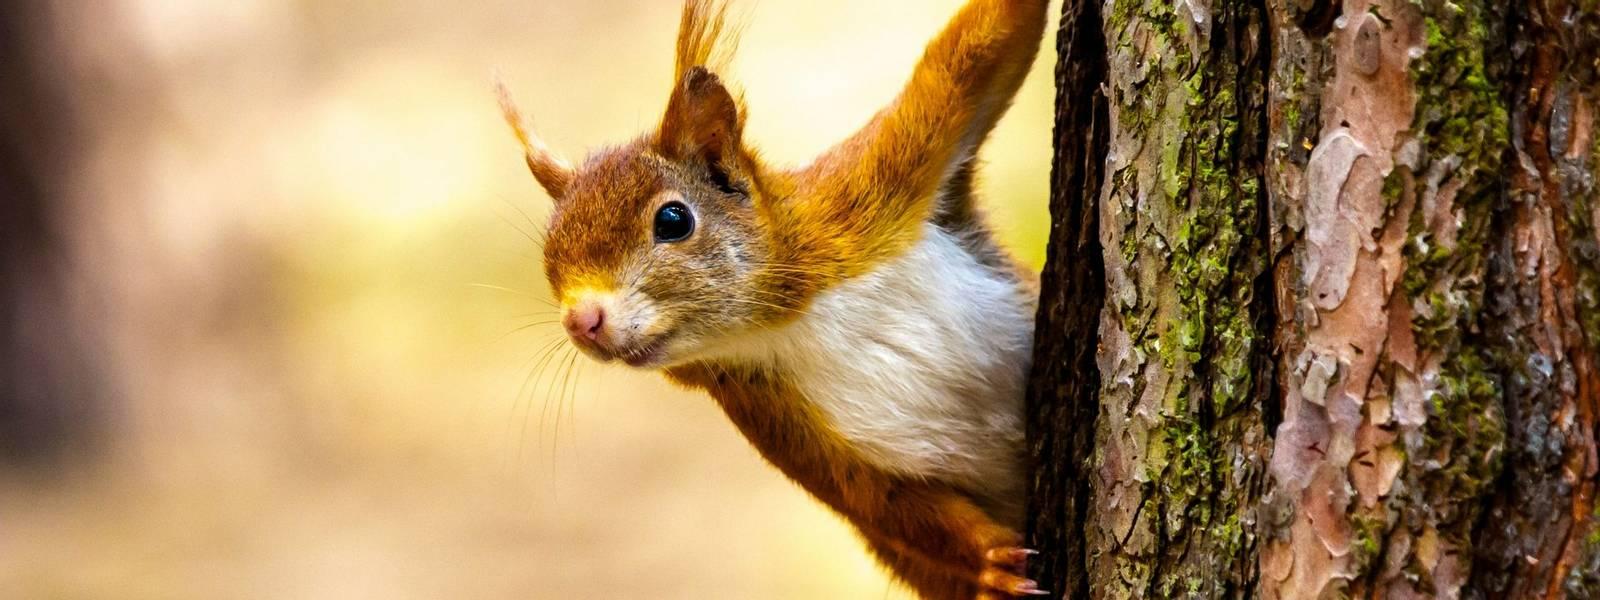 Derwent Bank -Wildlife -  AdobeStock_134985579.jpeg